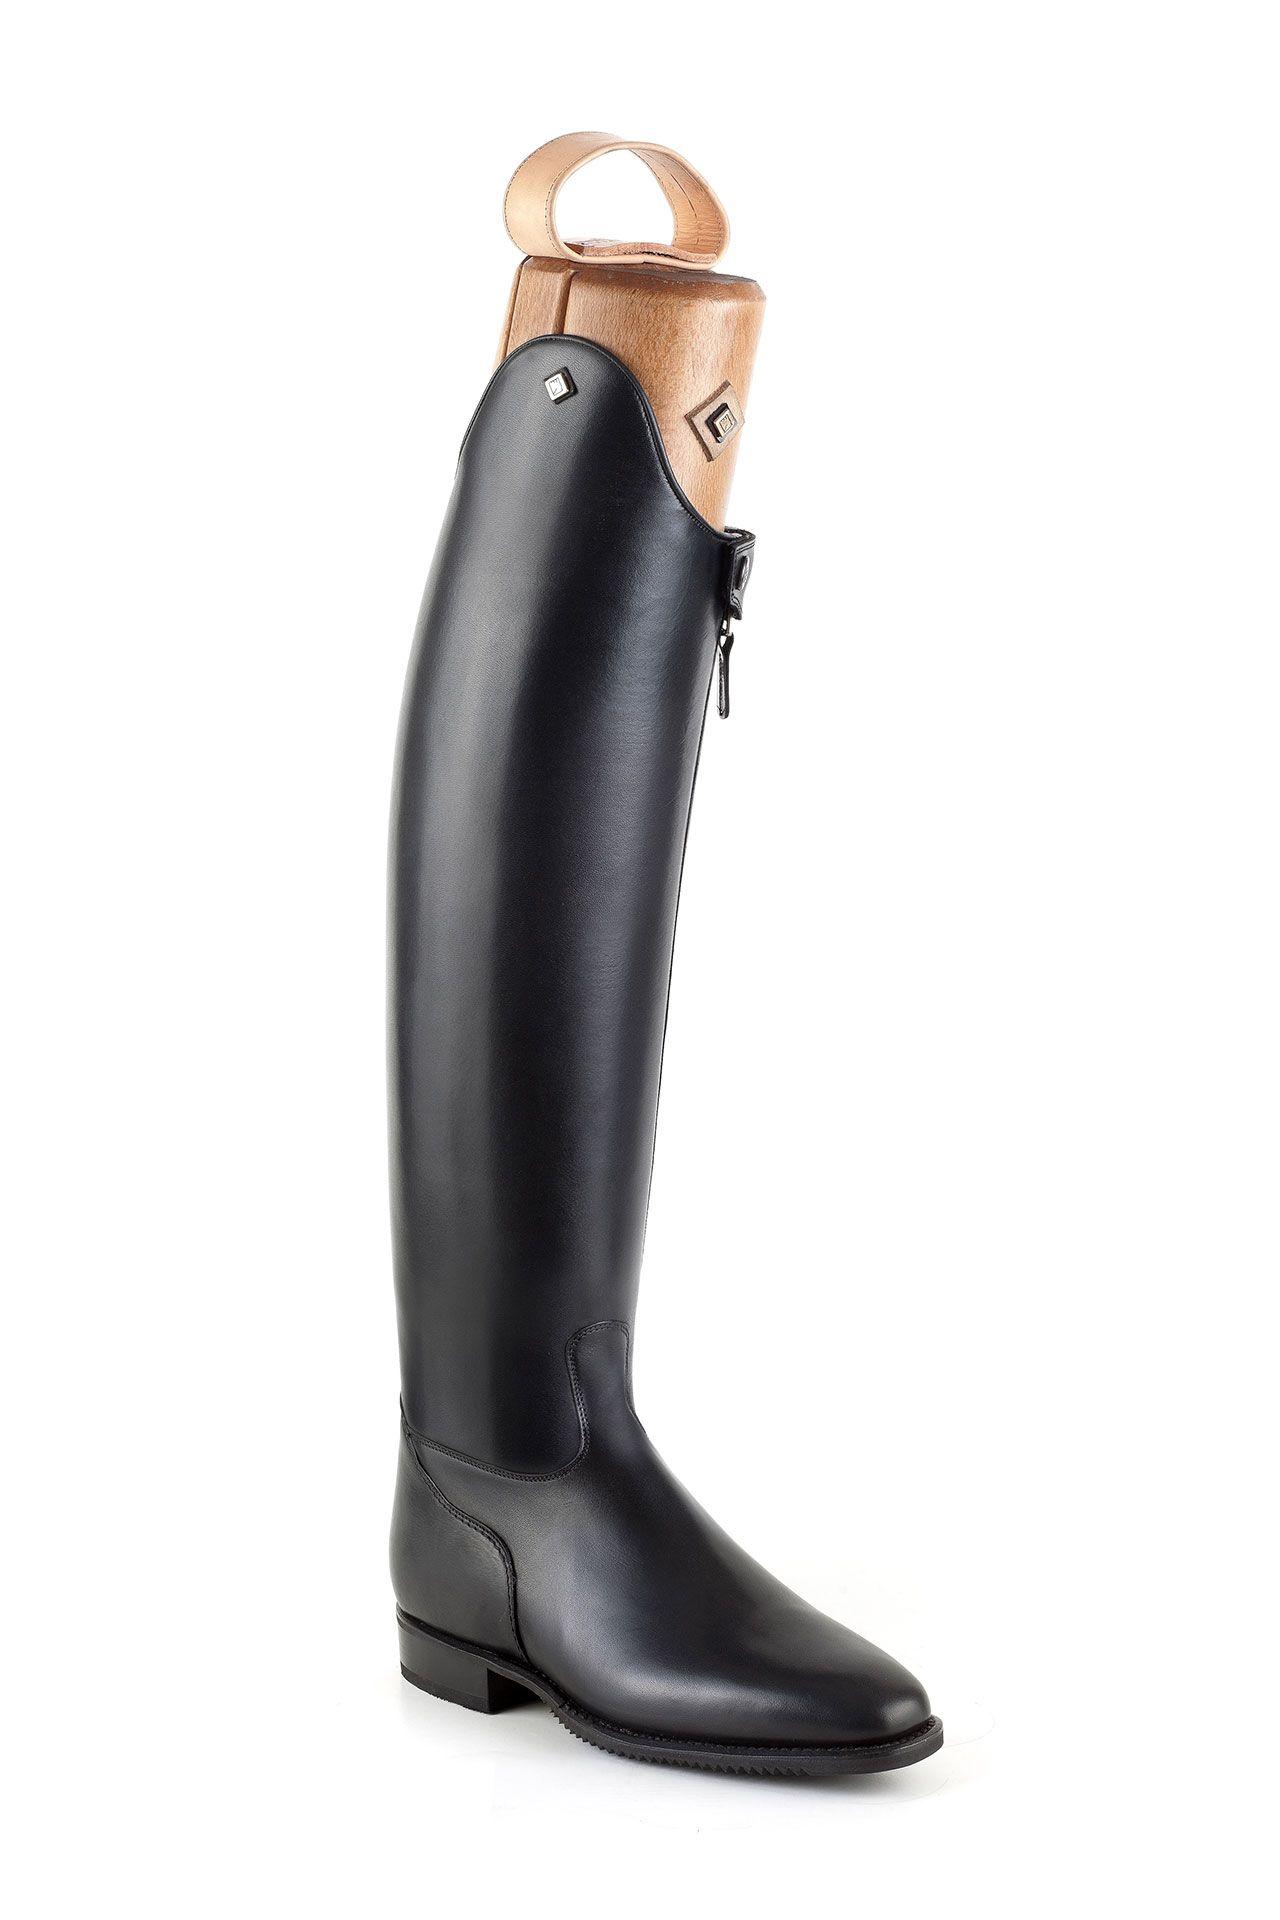 scarpe di separazione sfumature di in uso durevole RAFFAELLO   DeNiroBootCo. Stivali made in Italy per ...